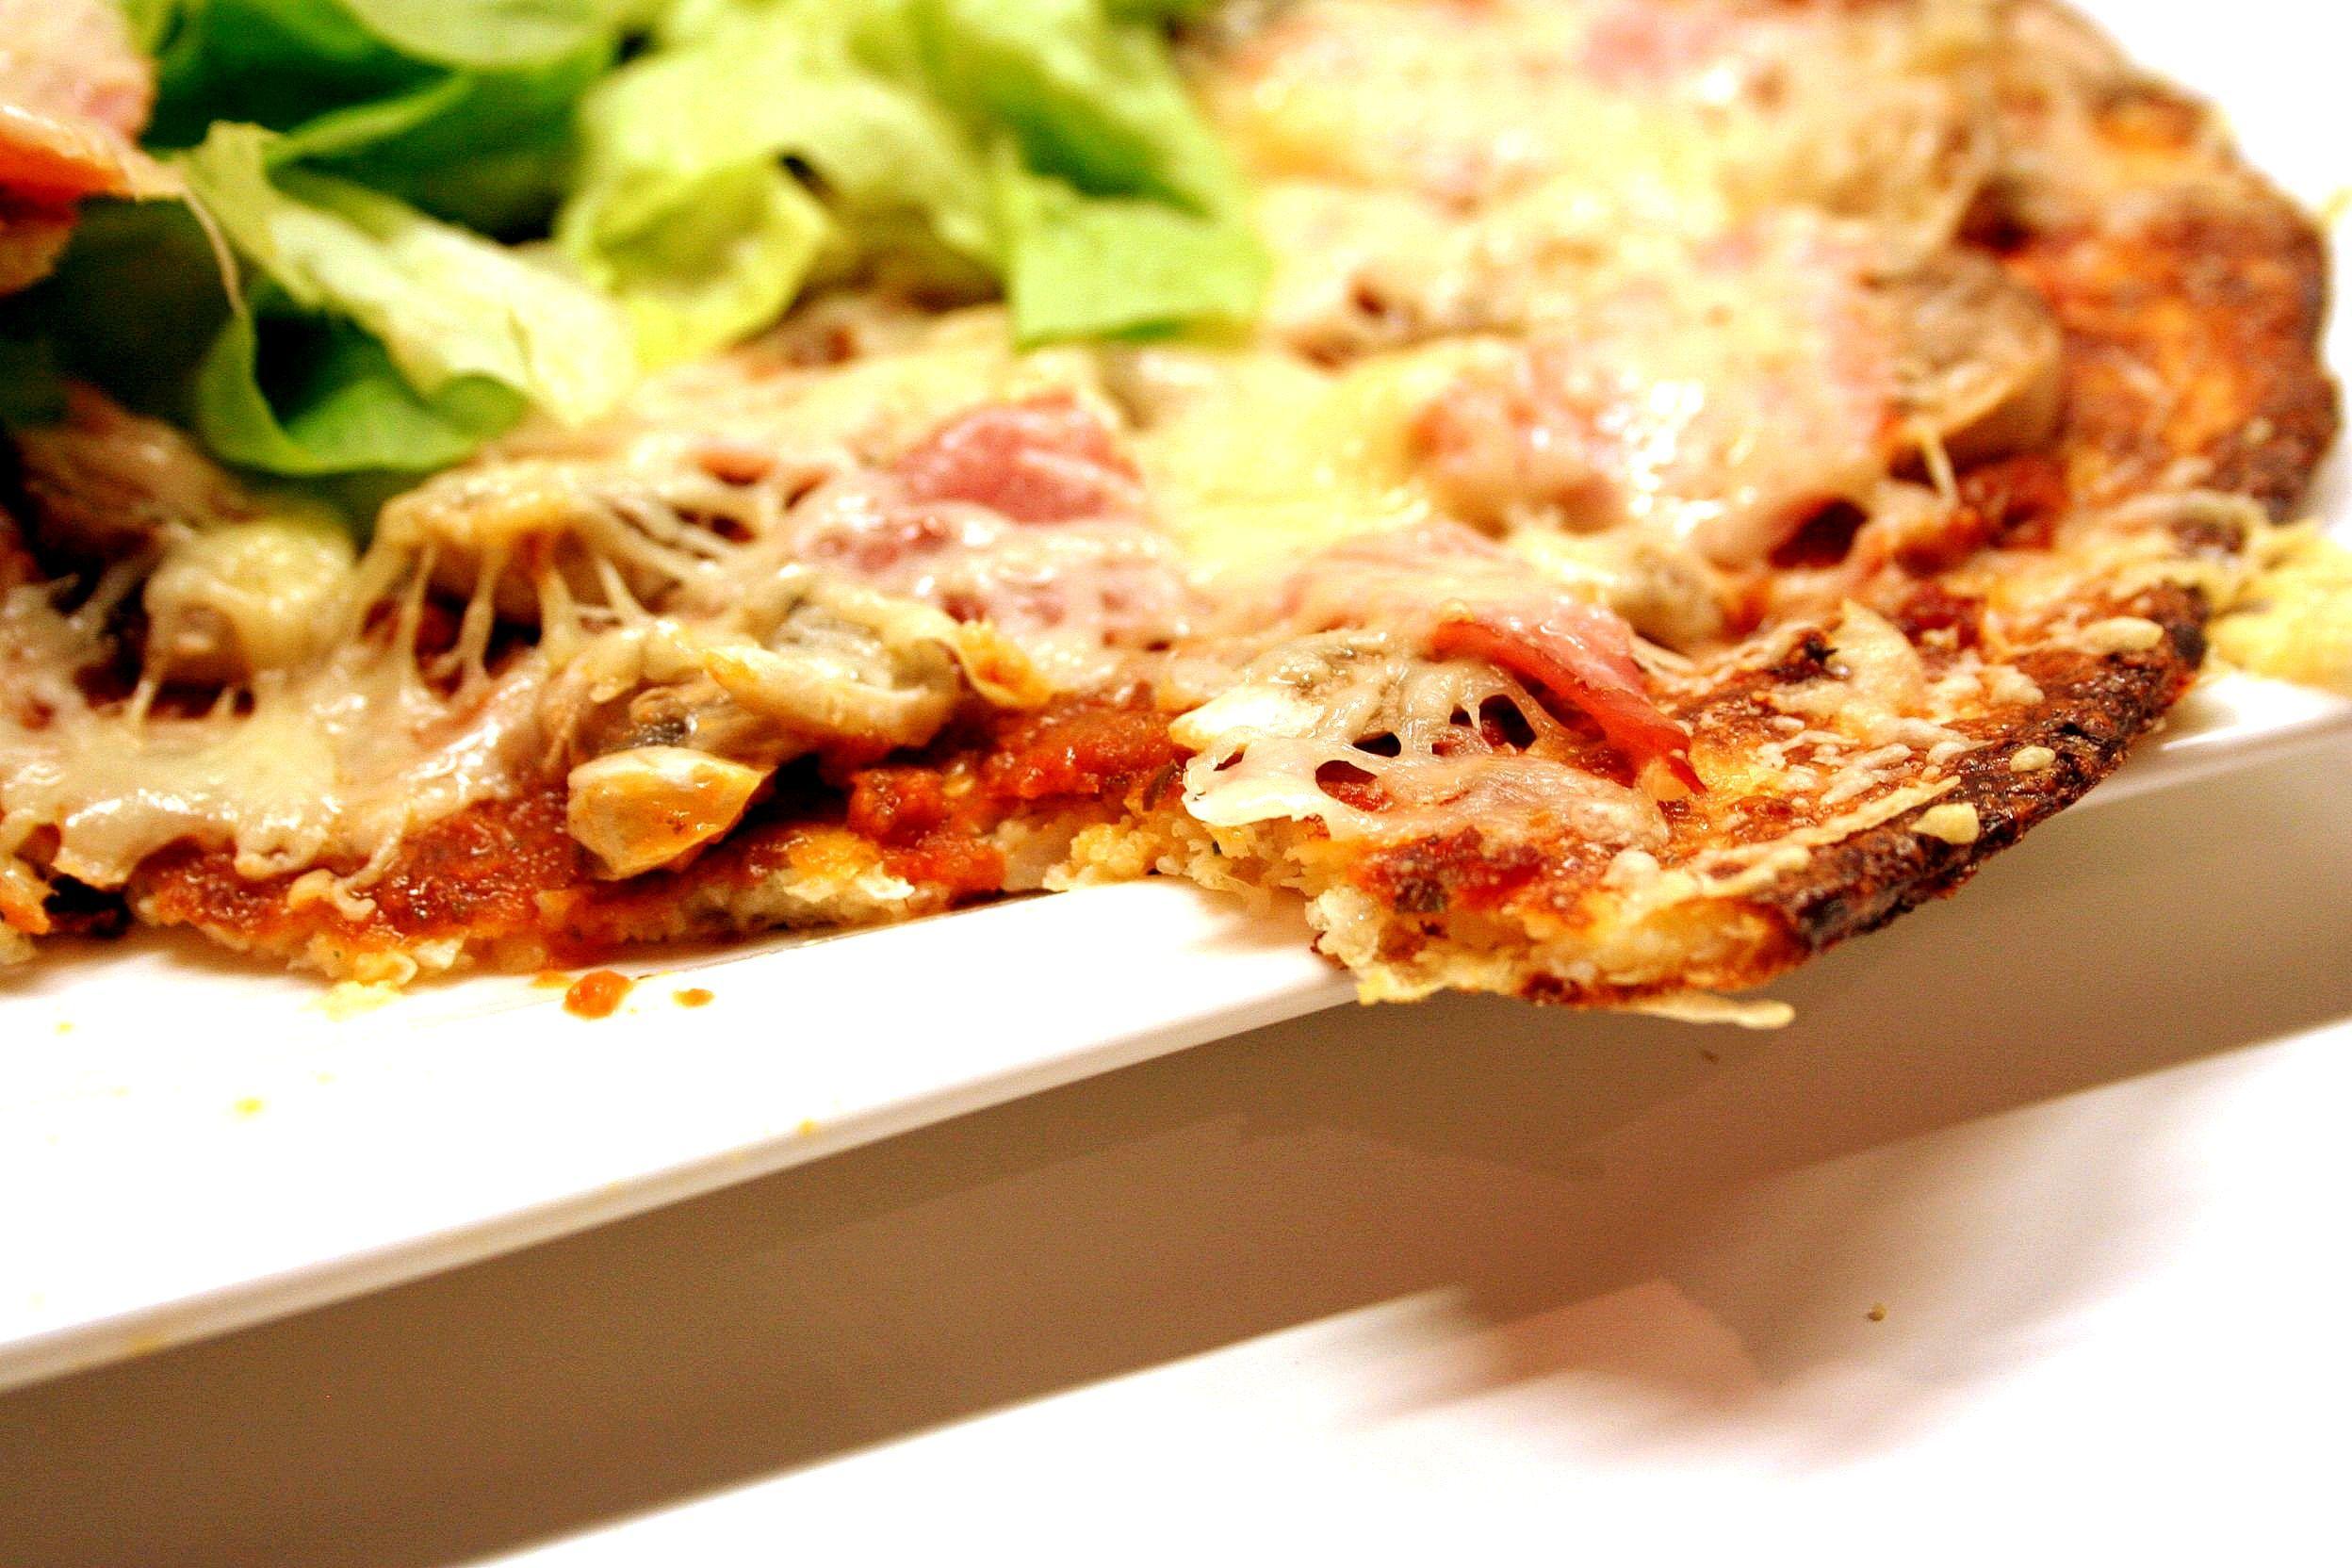 Grillée et succulente pâte à pizza au chou fleur